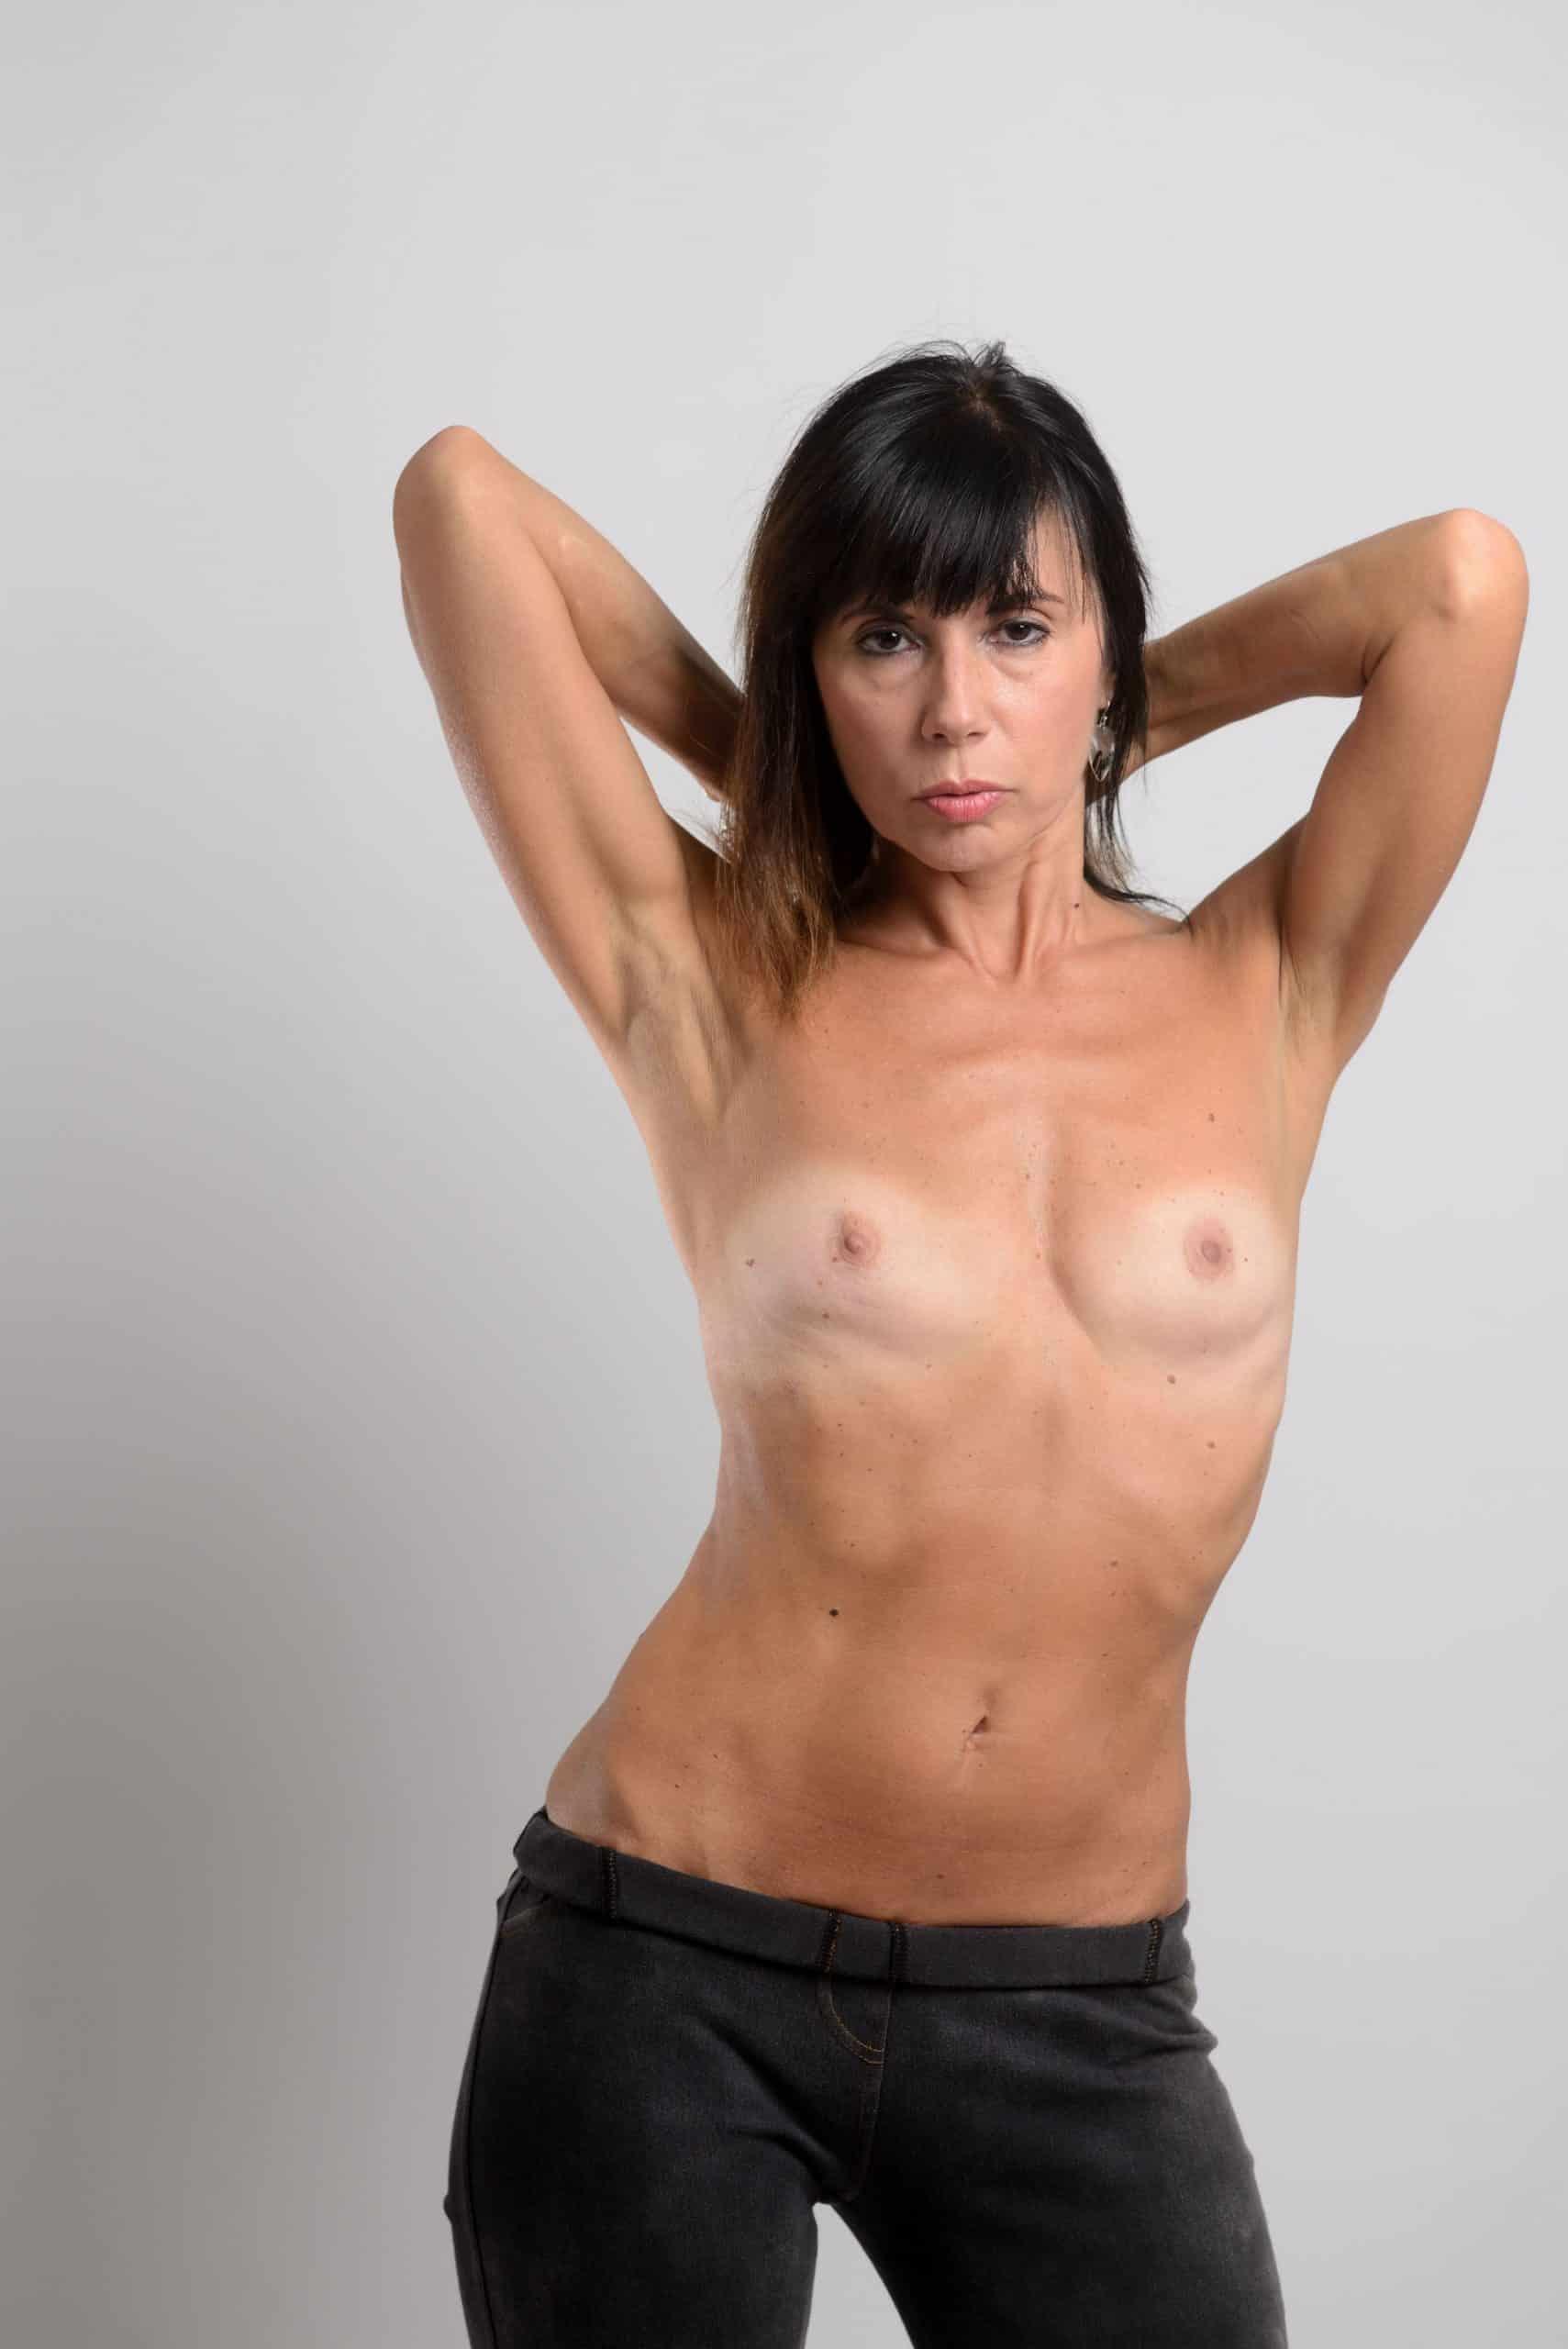 matrure woman naked